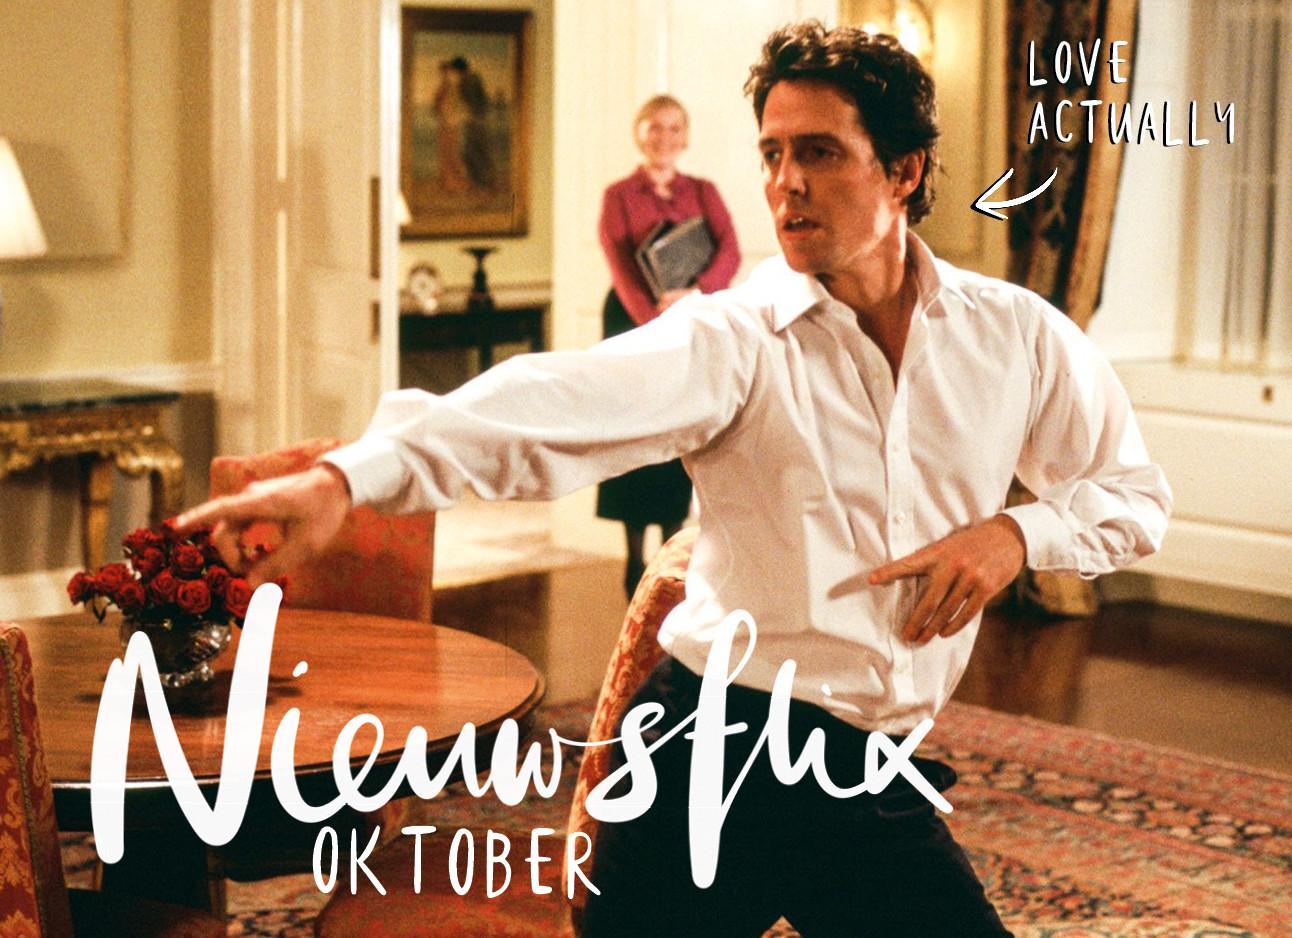 een beeld uit de film love actually.